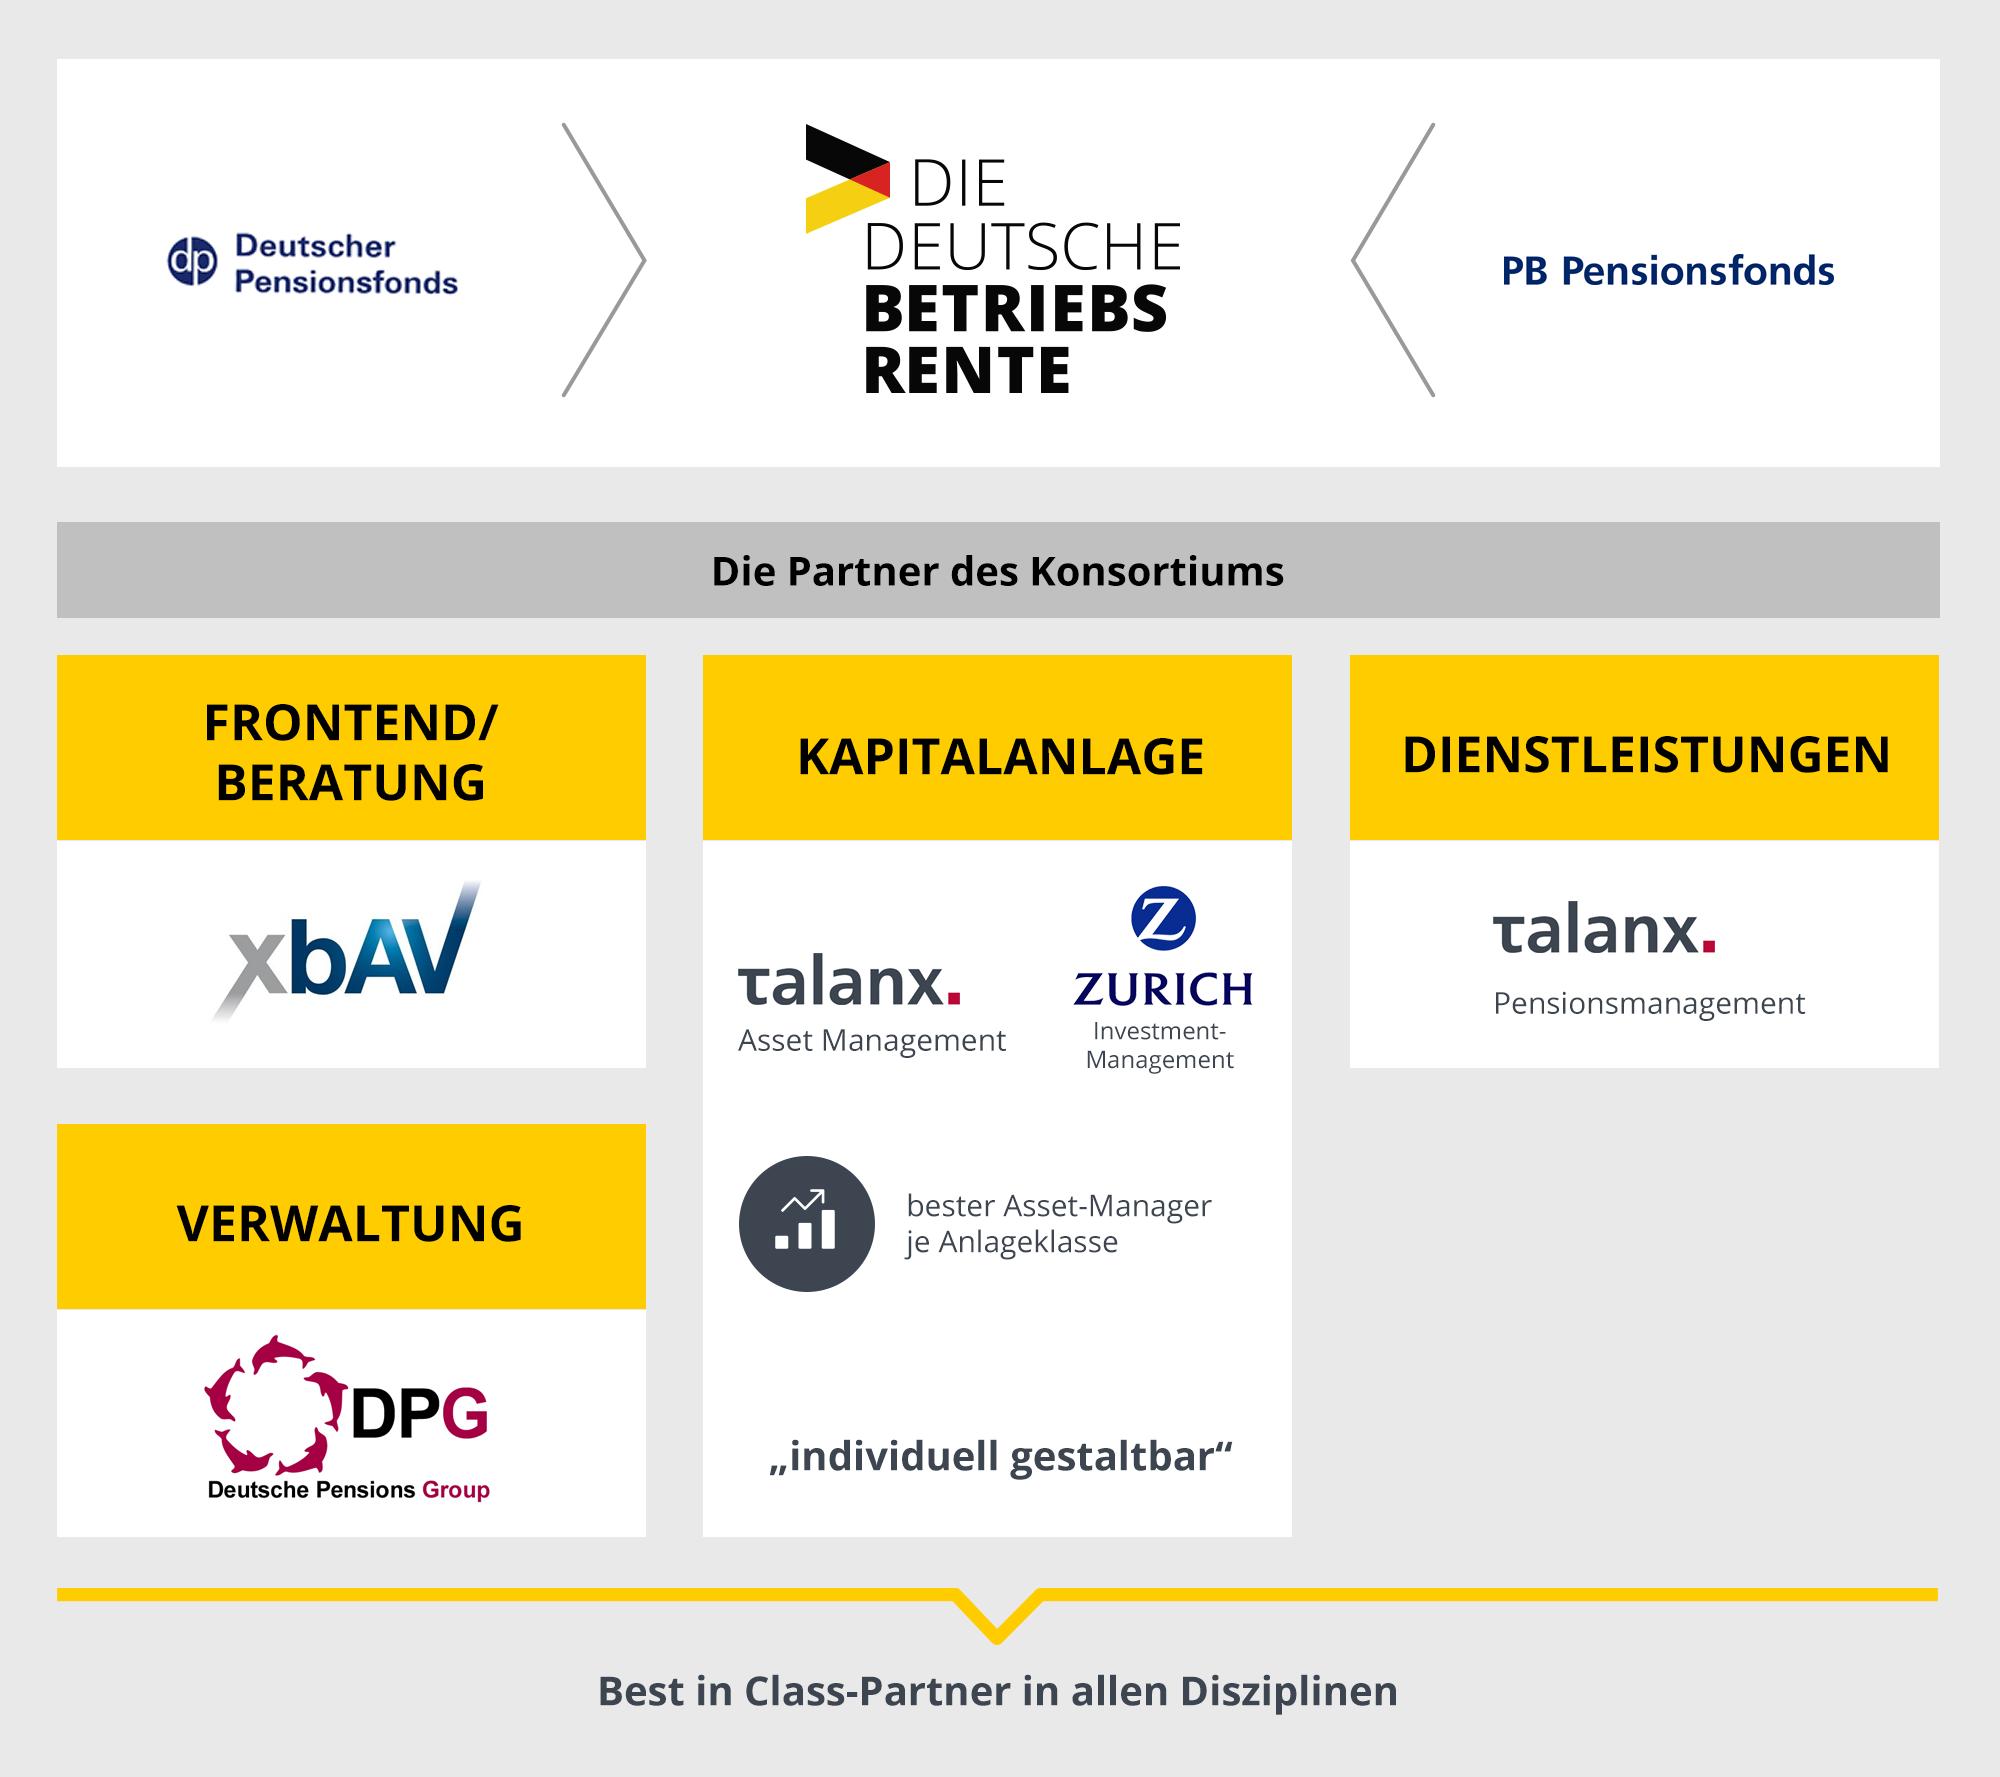 Die Deutsche Betriebsrente – Das Konsortium